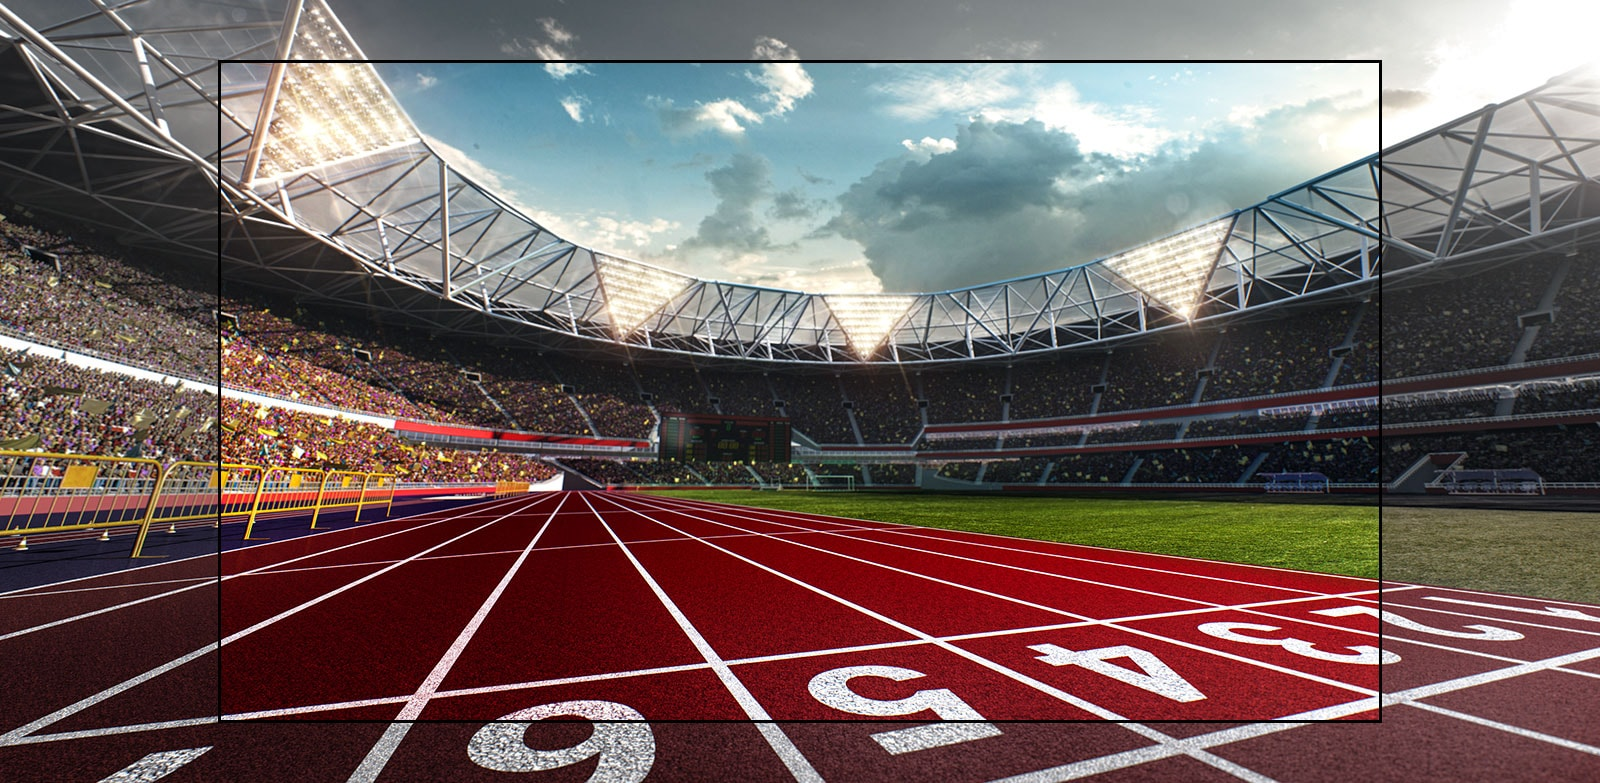 https://www.lg.com/hu/images/TV/UN81003LB/TV-UHD-14-Sports-Desktop.jpg